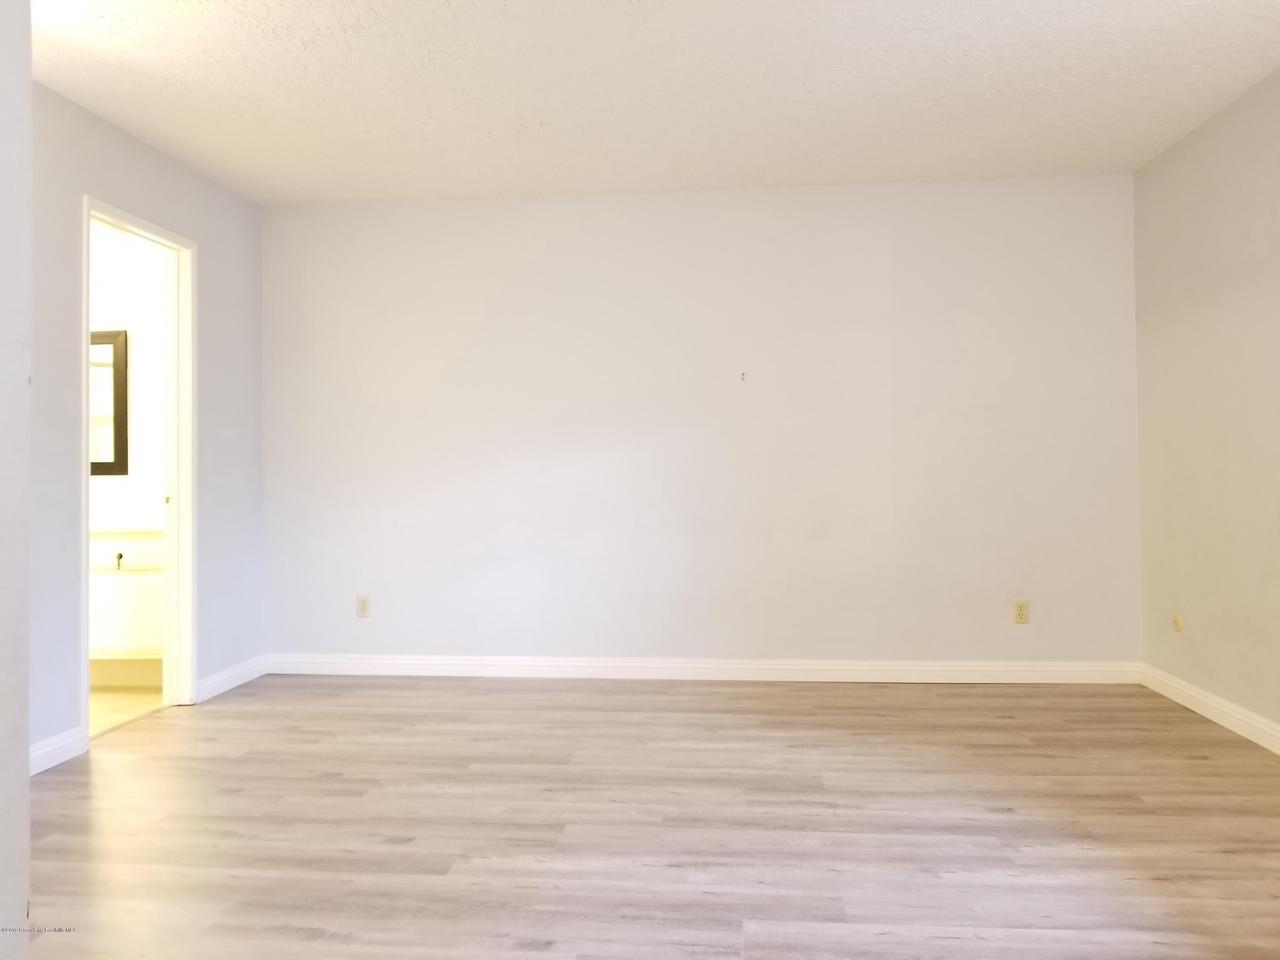 124 MONTEREY, South Pasadena, CA 91030 - Bedroom 1